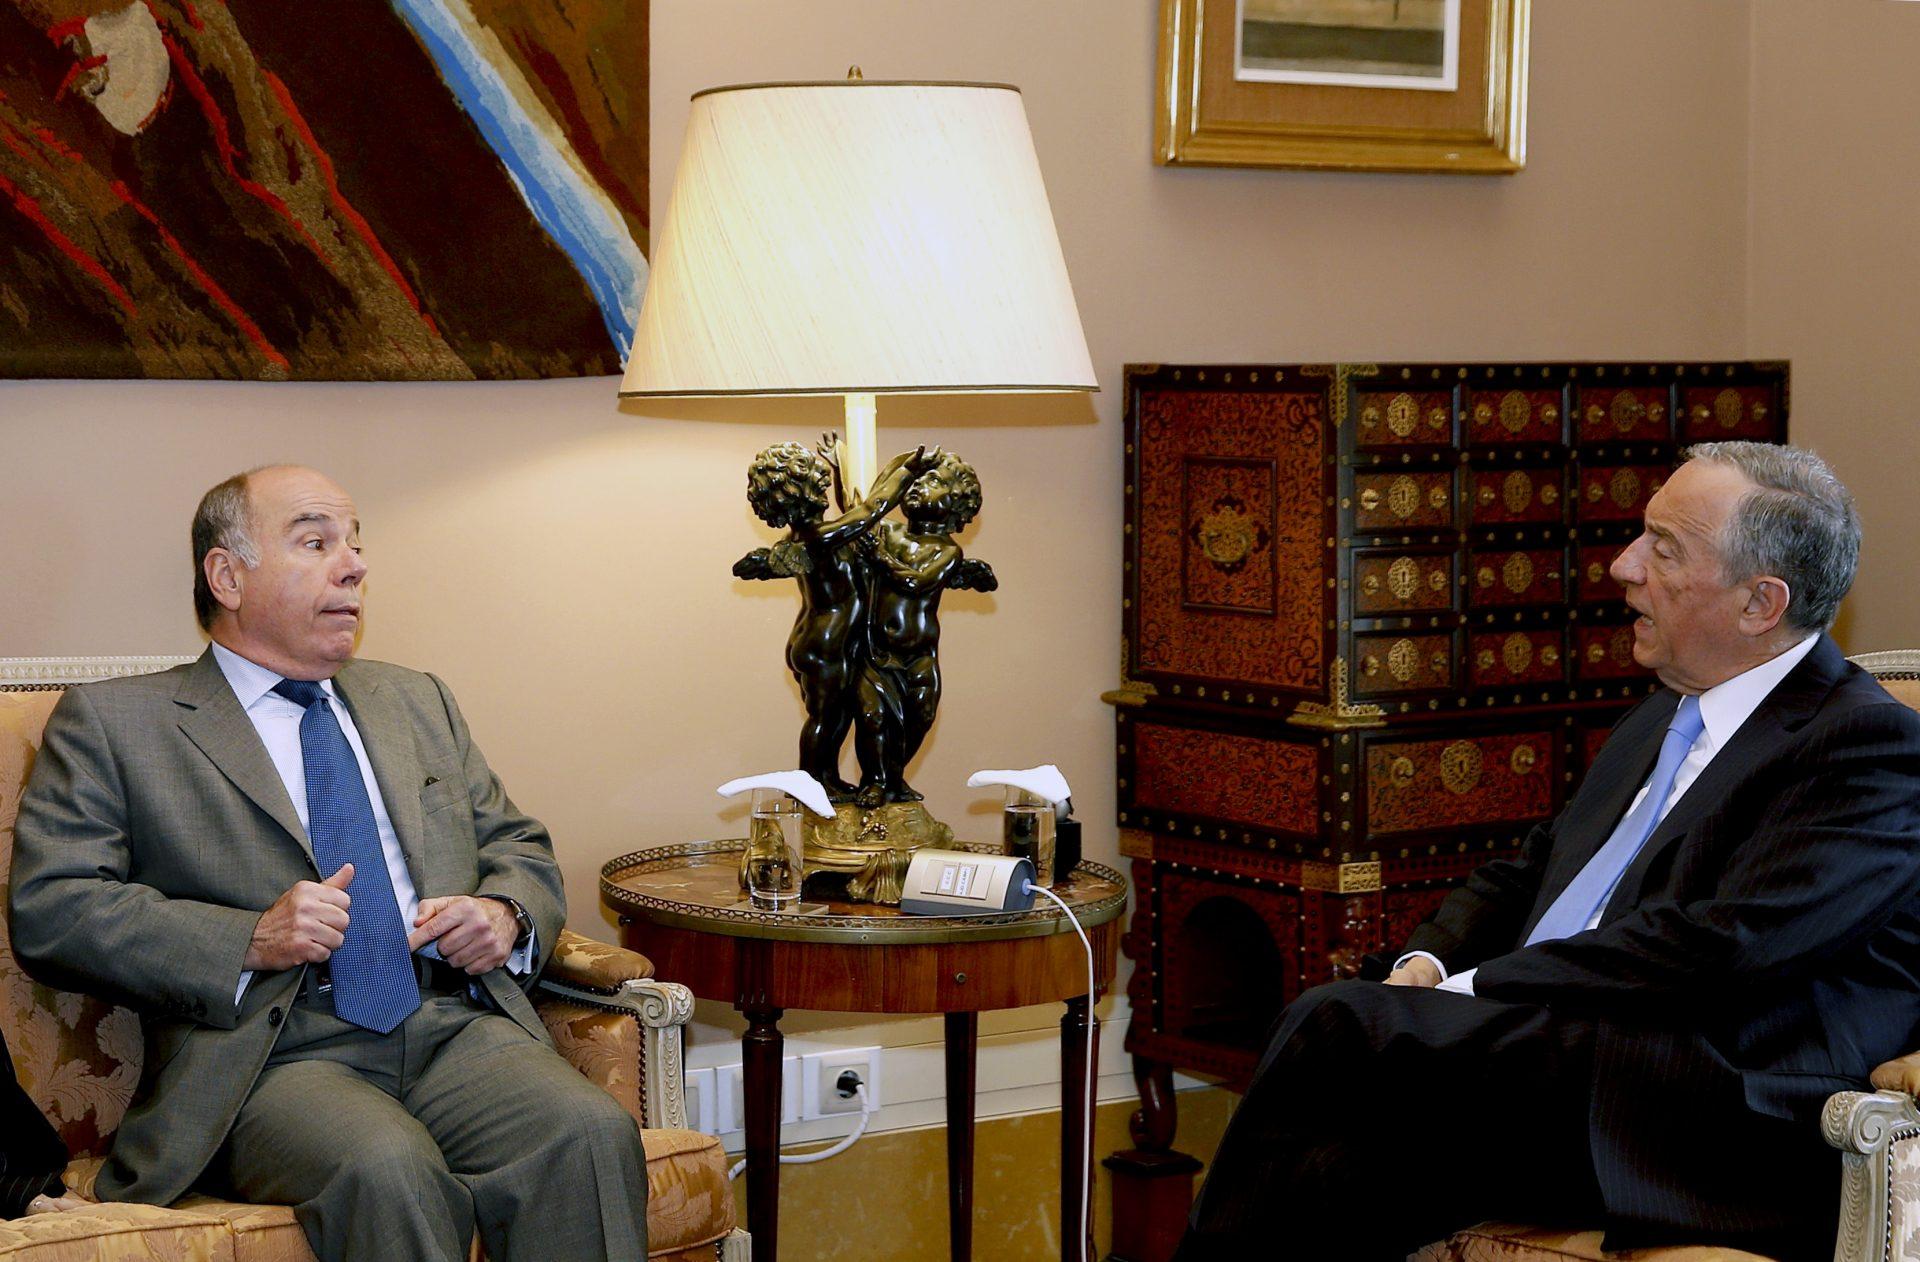 O Presidente da República de Portugal, Marcelo Rebelo de Sousa (D), conversa com o ministro das Relações Exteriores do Brasil, o embaixador Mauro Vieira (E), durante uma audiência no palácio de Belém em Lisboa, 16 de março de 2016. TIAGO PETINGA/LUSA